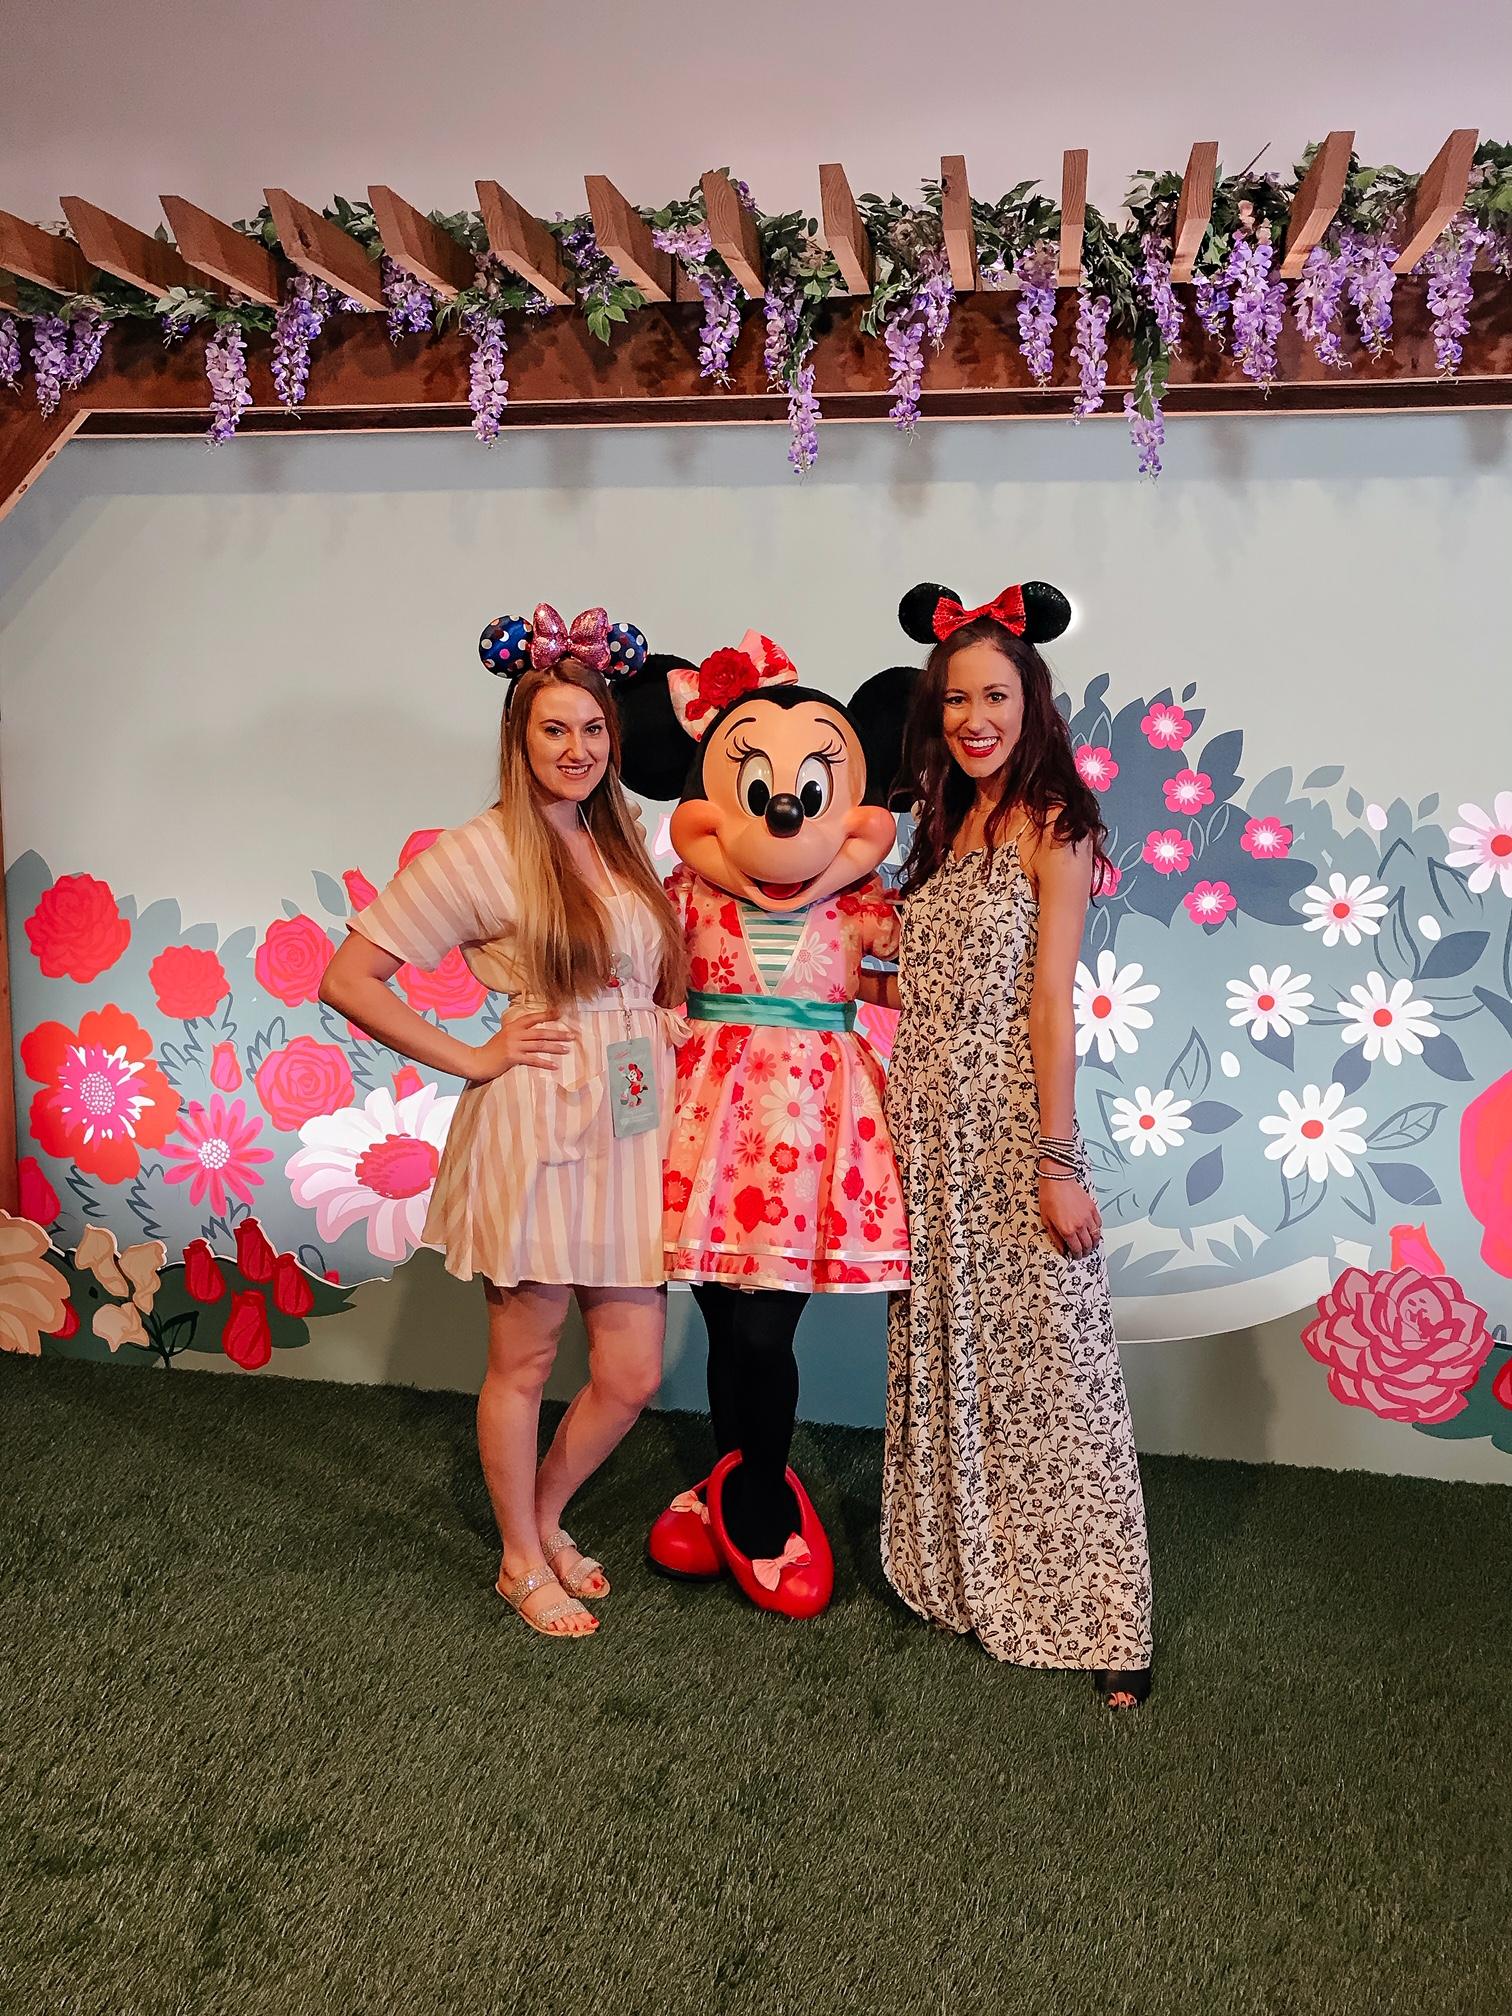 24 Hours in Walt Disney World